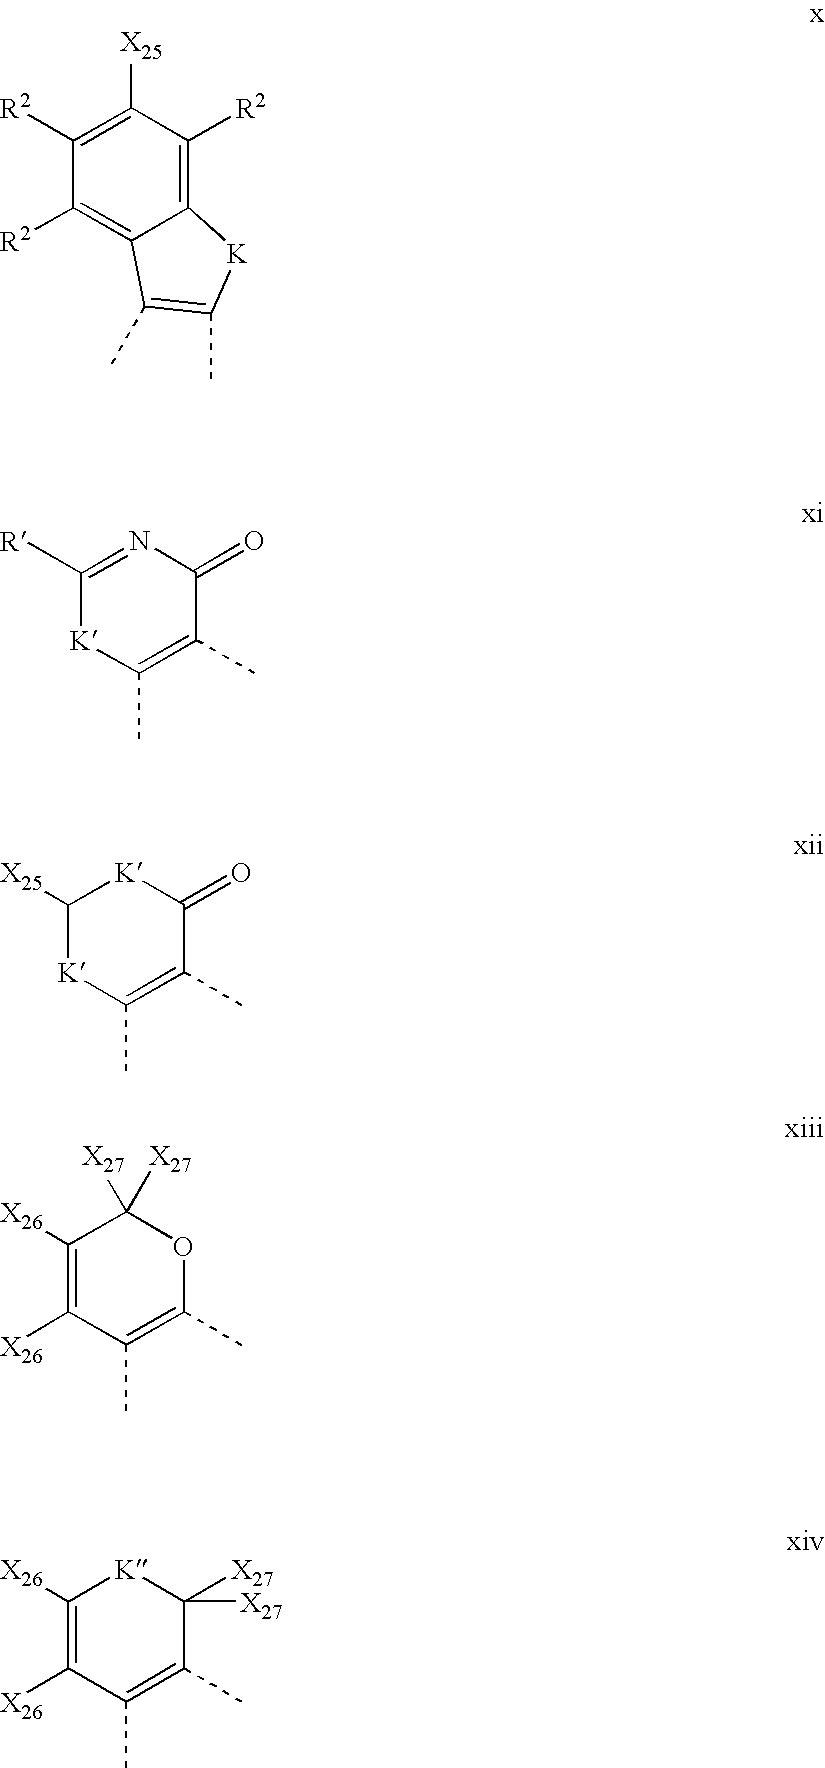 Figure US20070053047A1-20070308-C00008